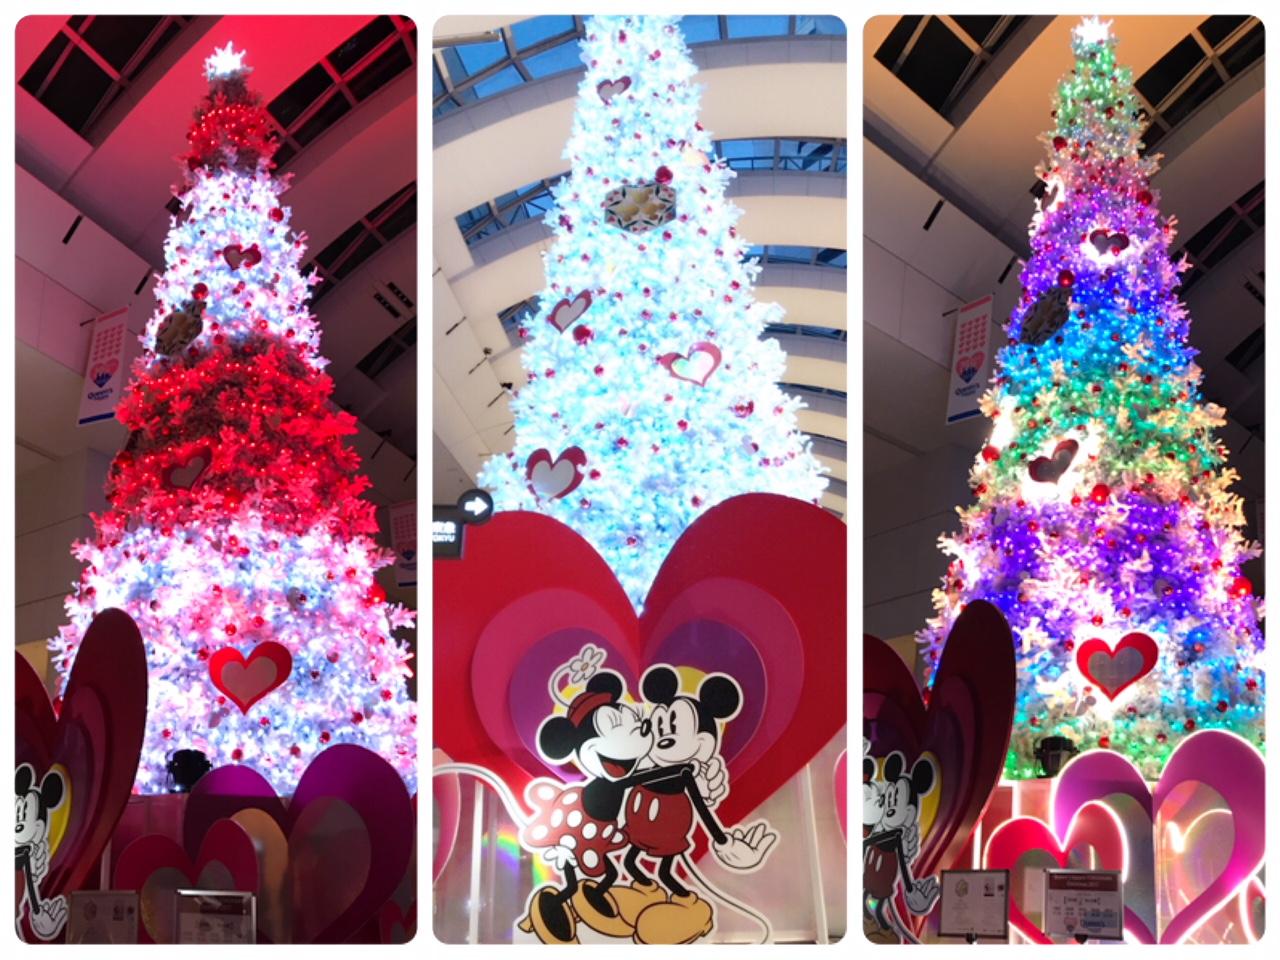 ディズニーの光の魔法!みなとみらいクリスマスデートはここで決まり!